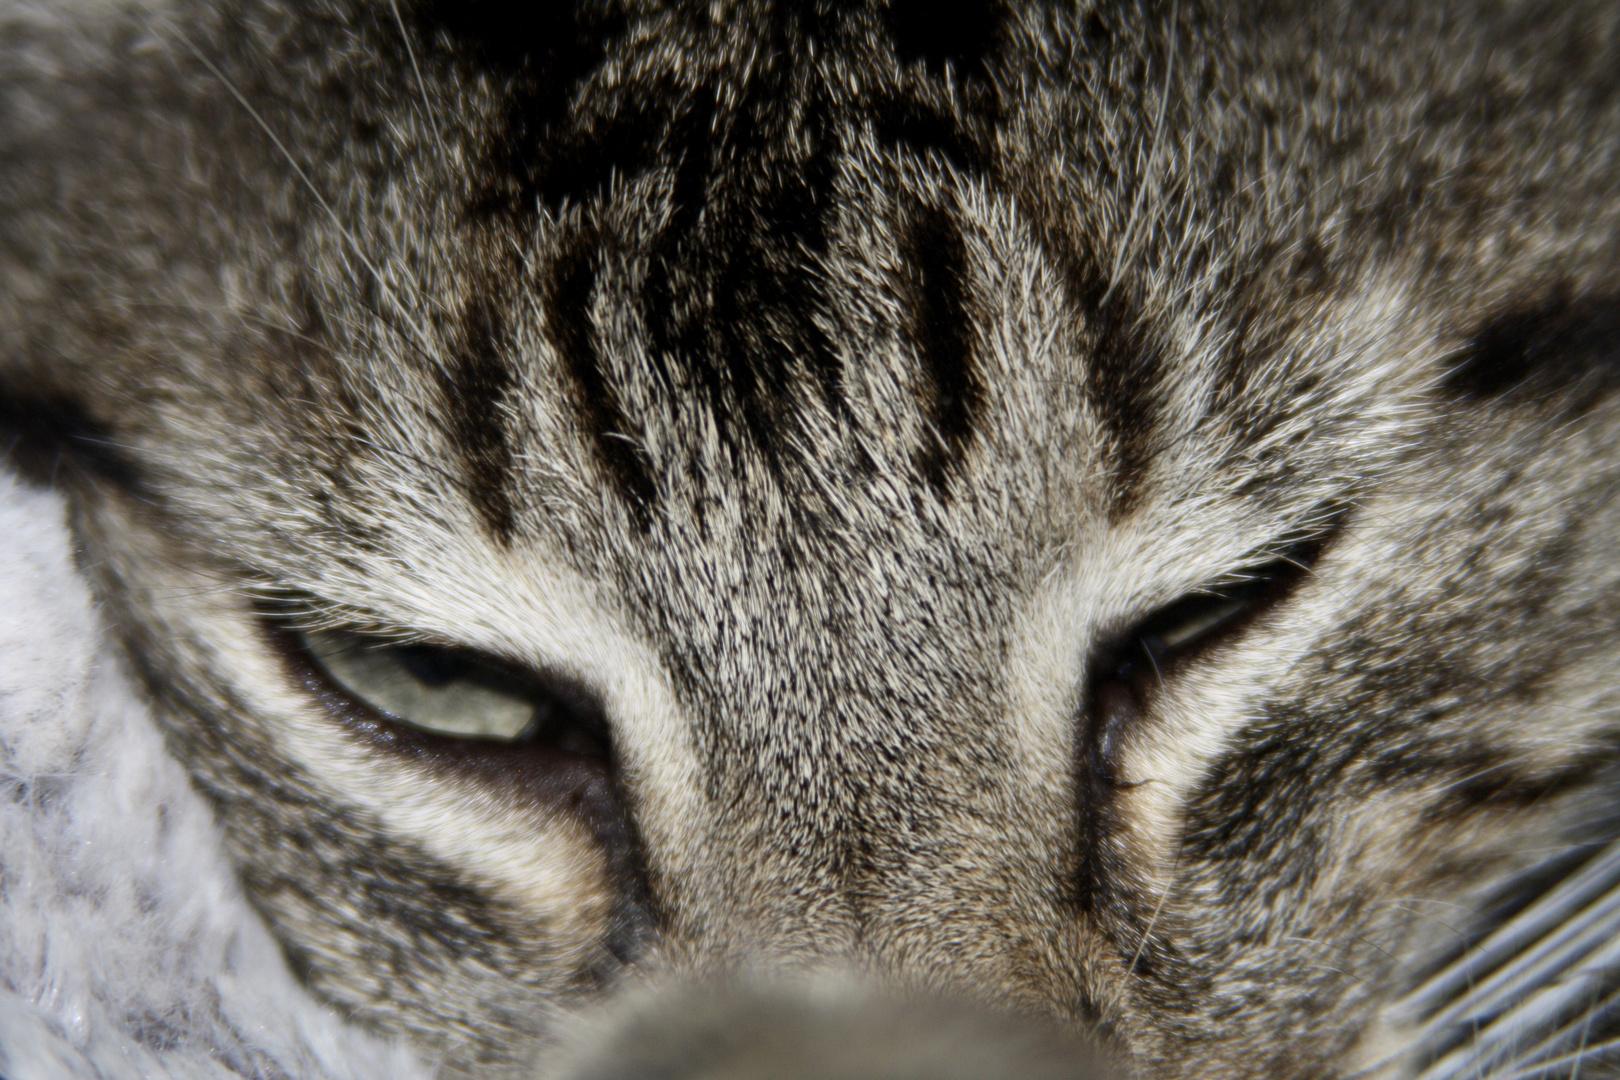 Les yeux de Minet